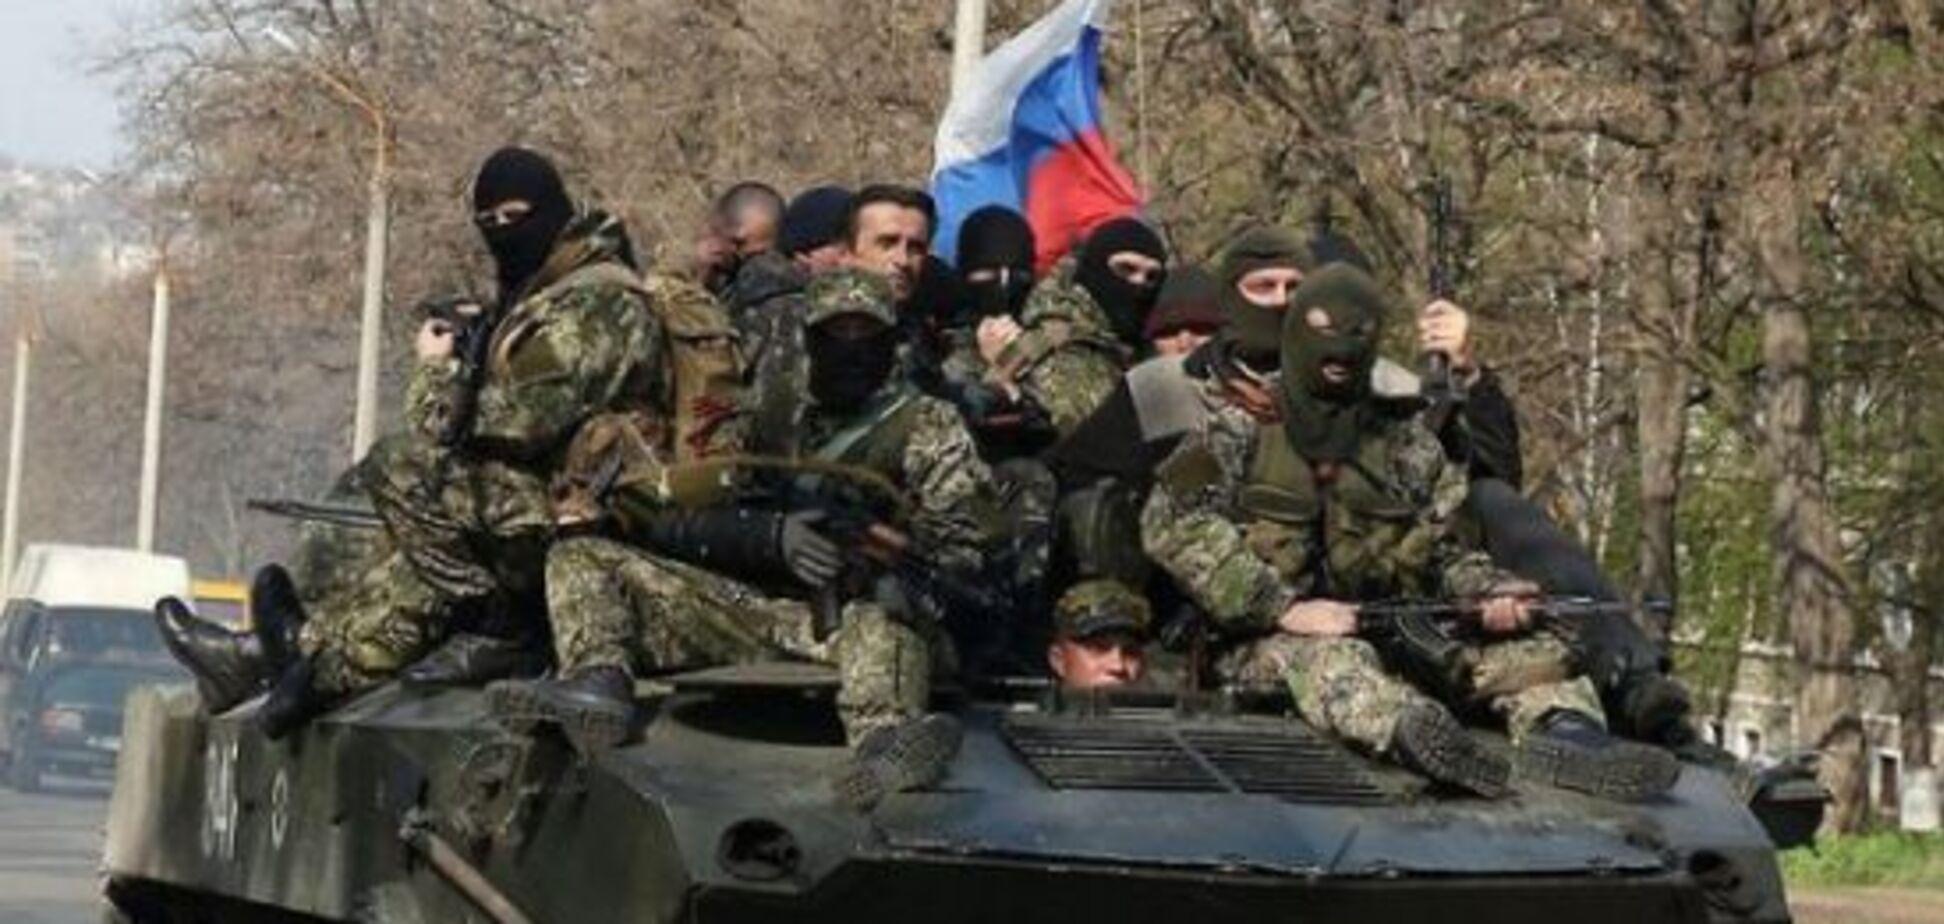 Видел своими глазами: россиянин рассказал о подвигах 'освободителей' Донбасса